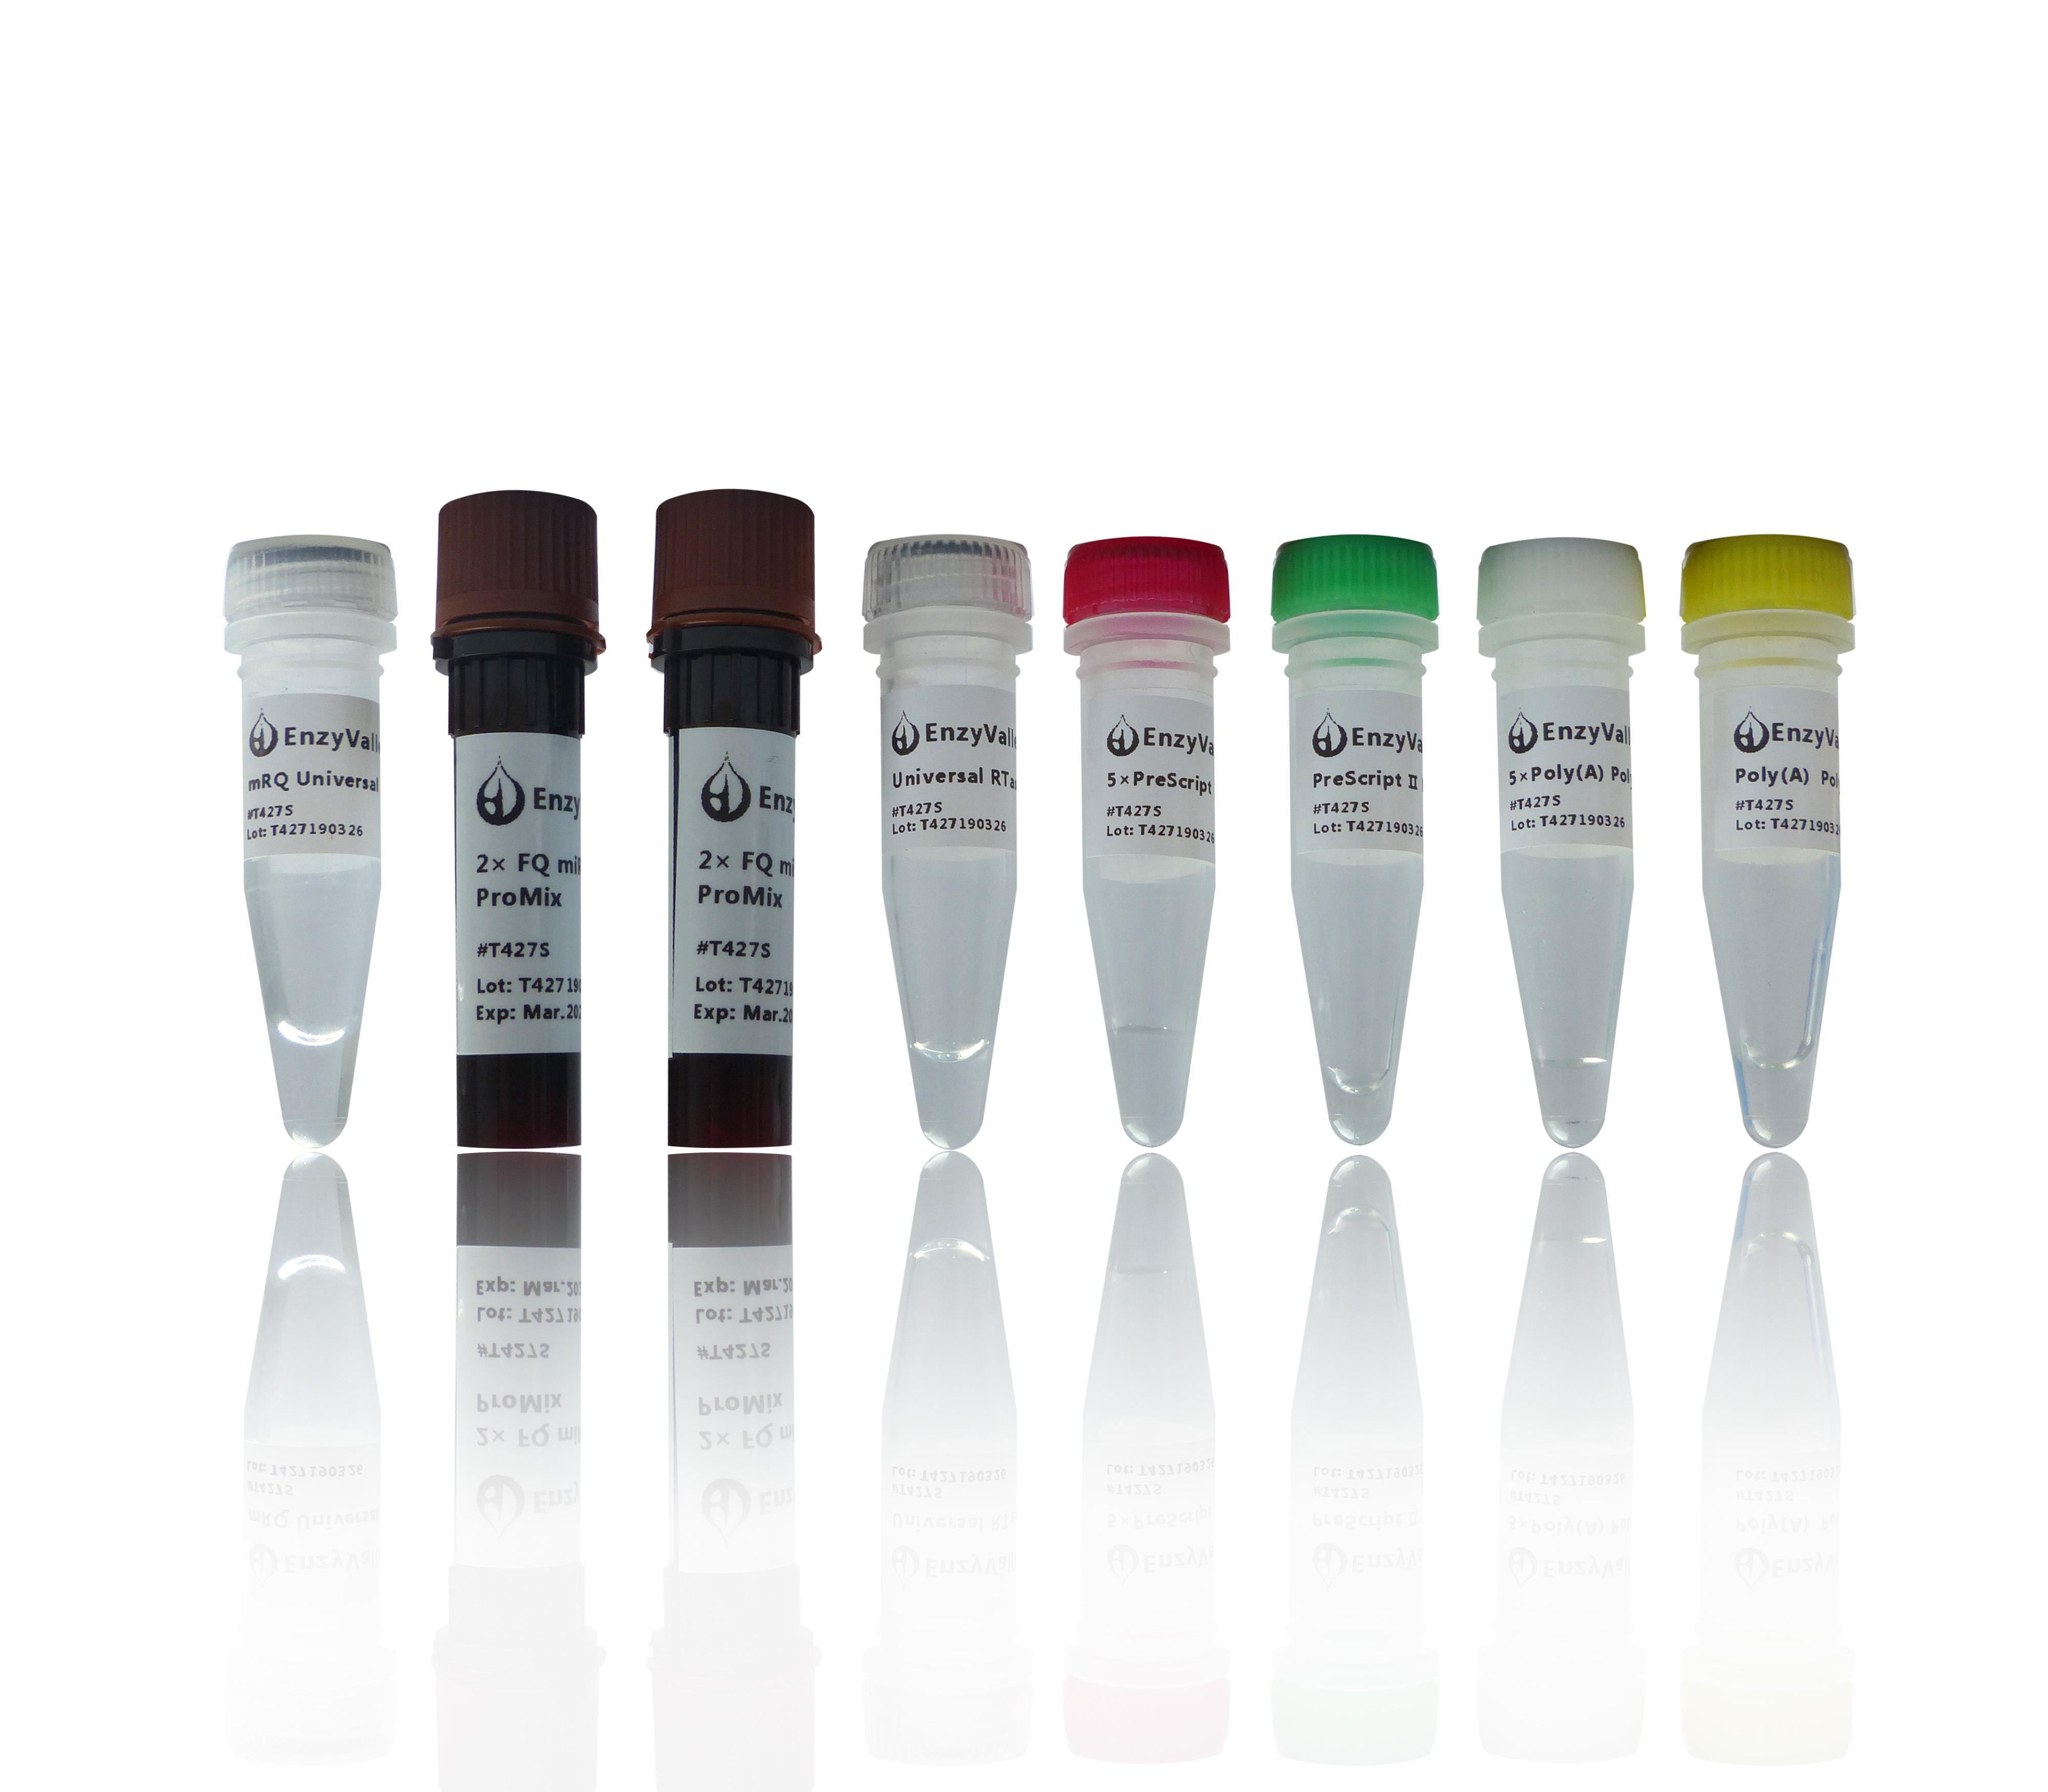 加尾法miRNA RT-qPCR试剂盒:FQTM miRNA Poly(A) qRT-PCR SYBR Kit